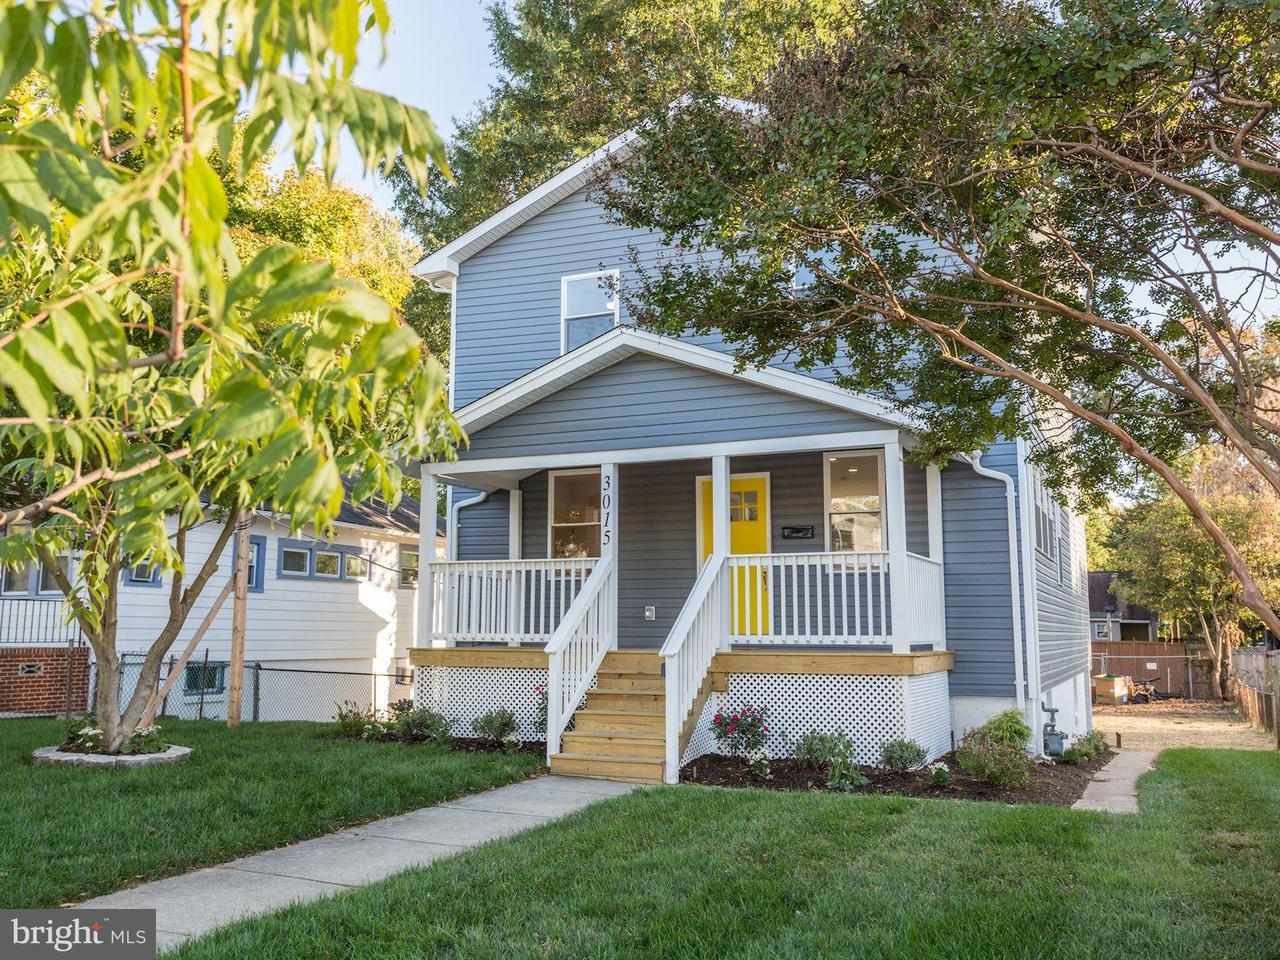 Μονοκατοικία για την Πώληση στο 3015 DOUGLAS ST NE 3015 DOUGLAS ST NE Washington, Περιφερεια Τησ Κολουμπια 20018 Ηνωμενεσ Πολιτειεσ